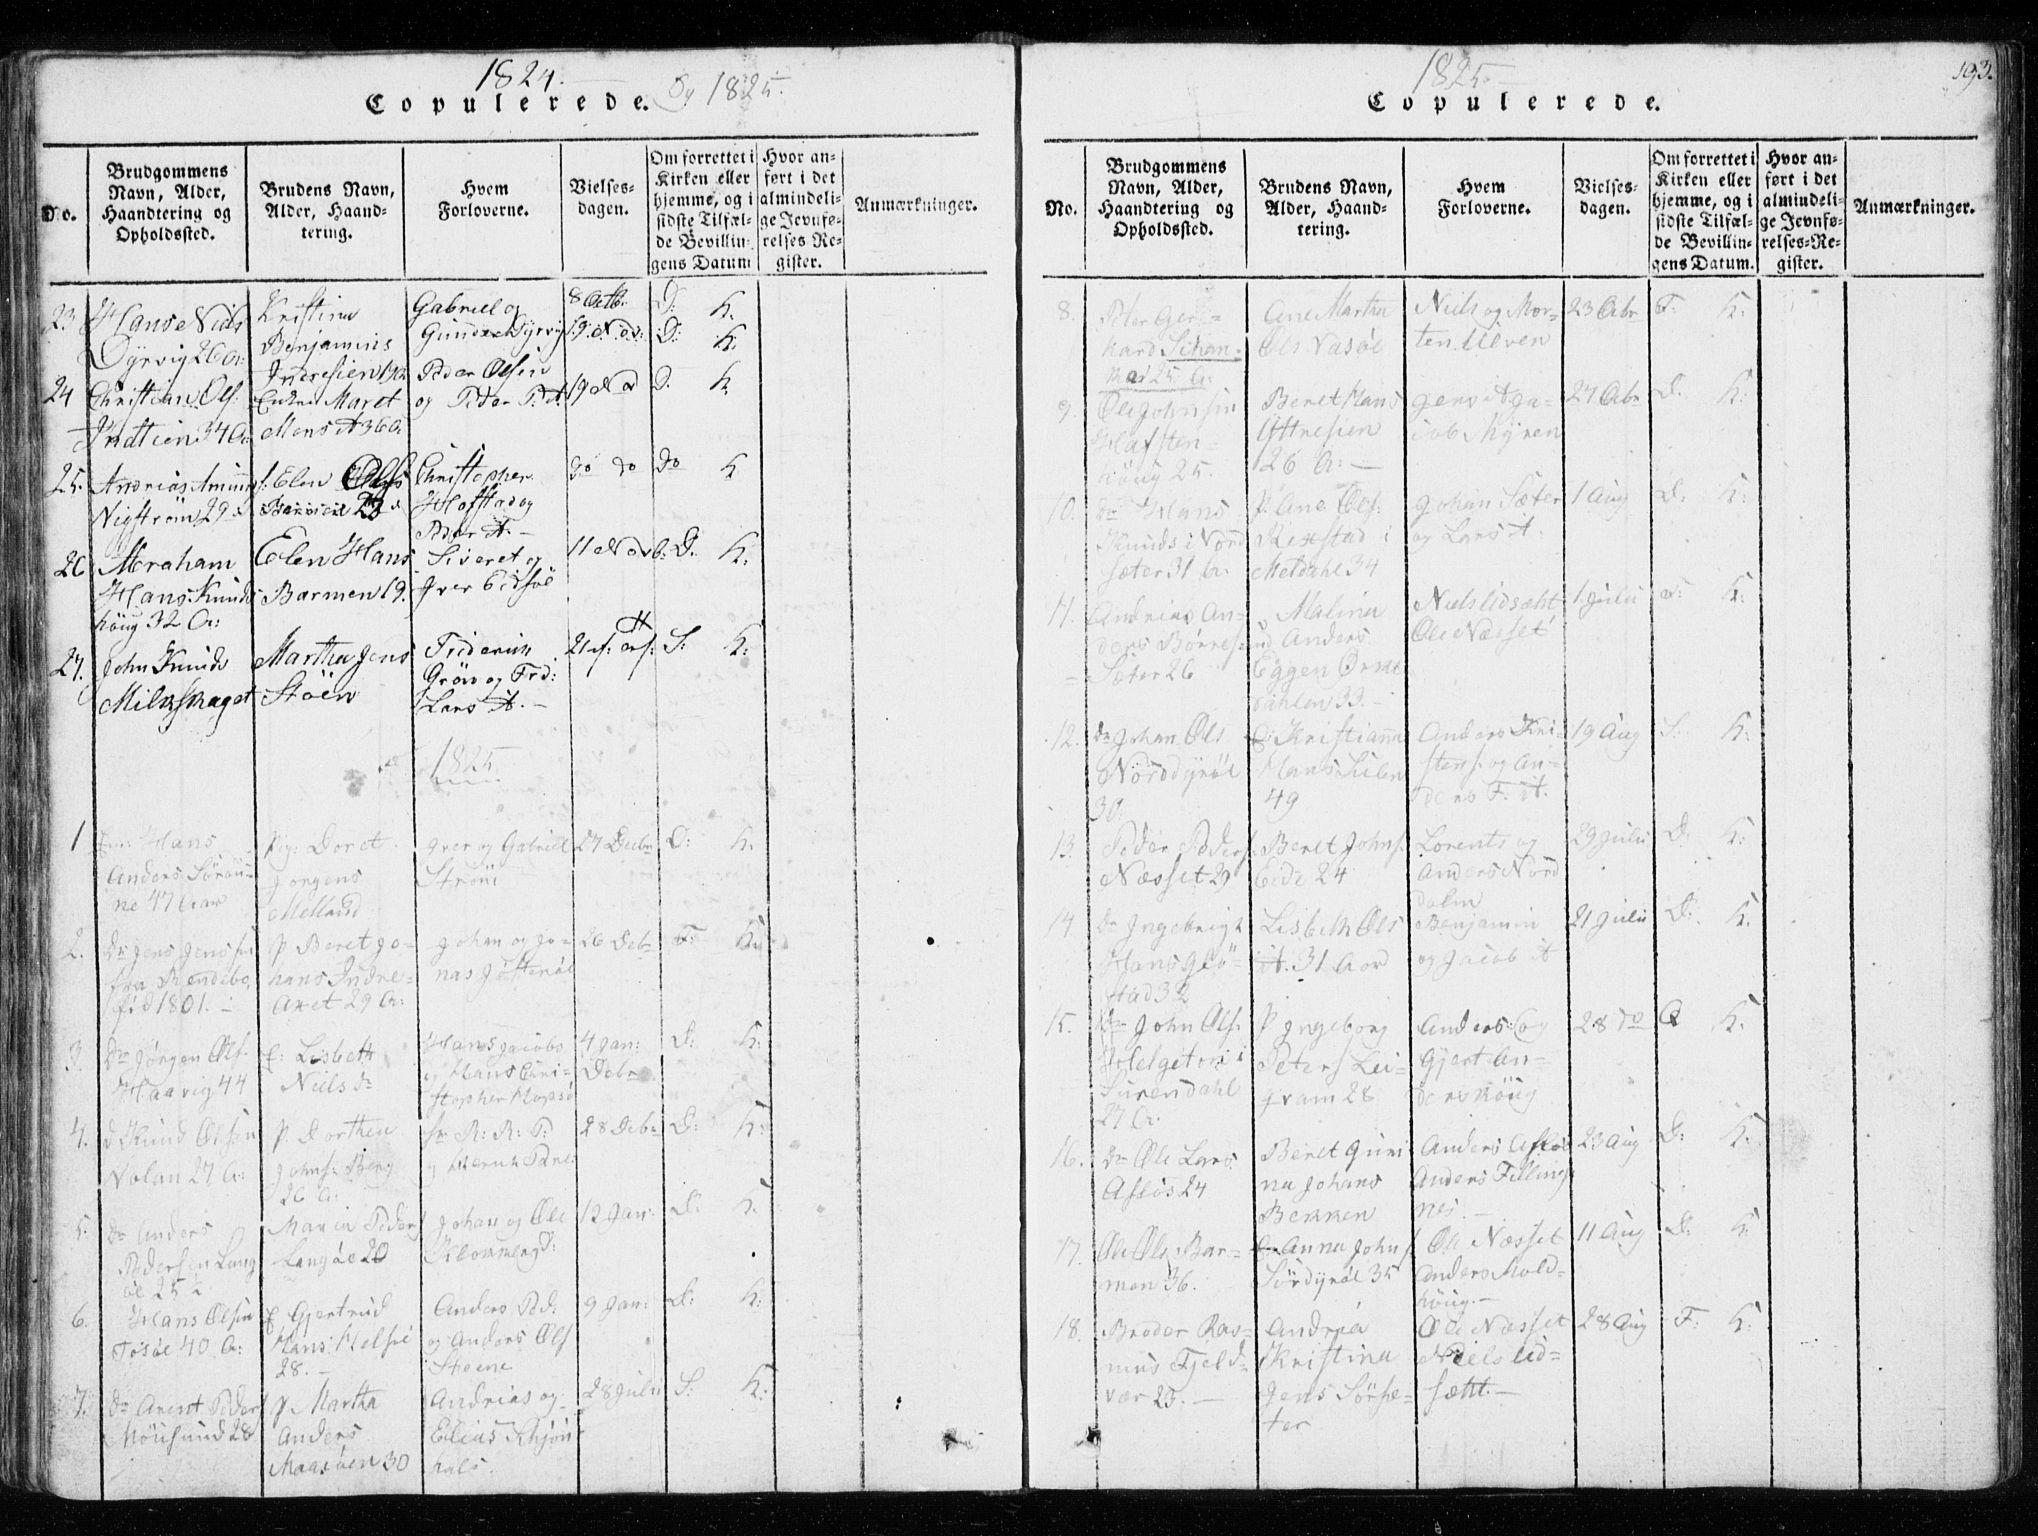 SAT, Ministerialprotokoller, klokkerbøker og fødselsregistre - Sør-Trøndelag, 634/L0527: Ministerialbok nr. 634A03, 1818-1826, s. 193